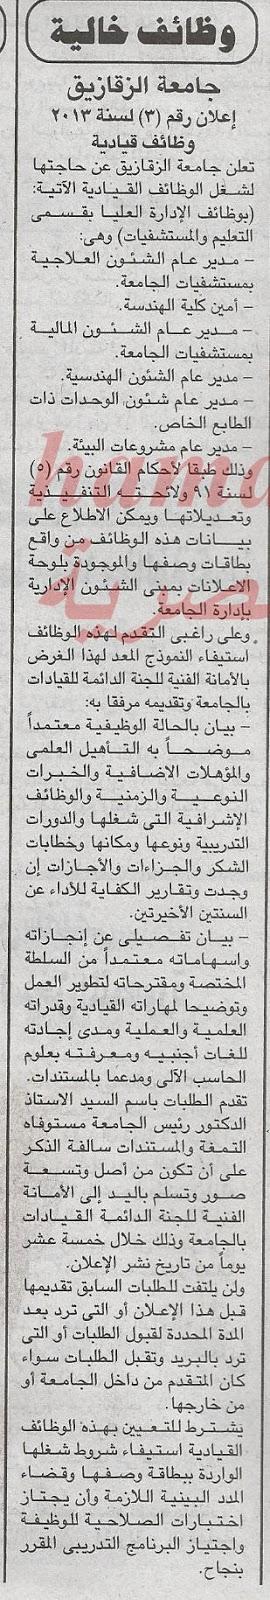 وظائف جريدة الجمهورية اليوم الاثنين 16-12-2013 , وظائف خالية في مصر اليوم 16 ديسمبر 2013